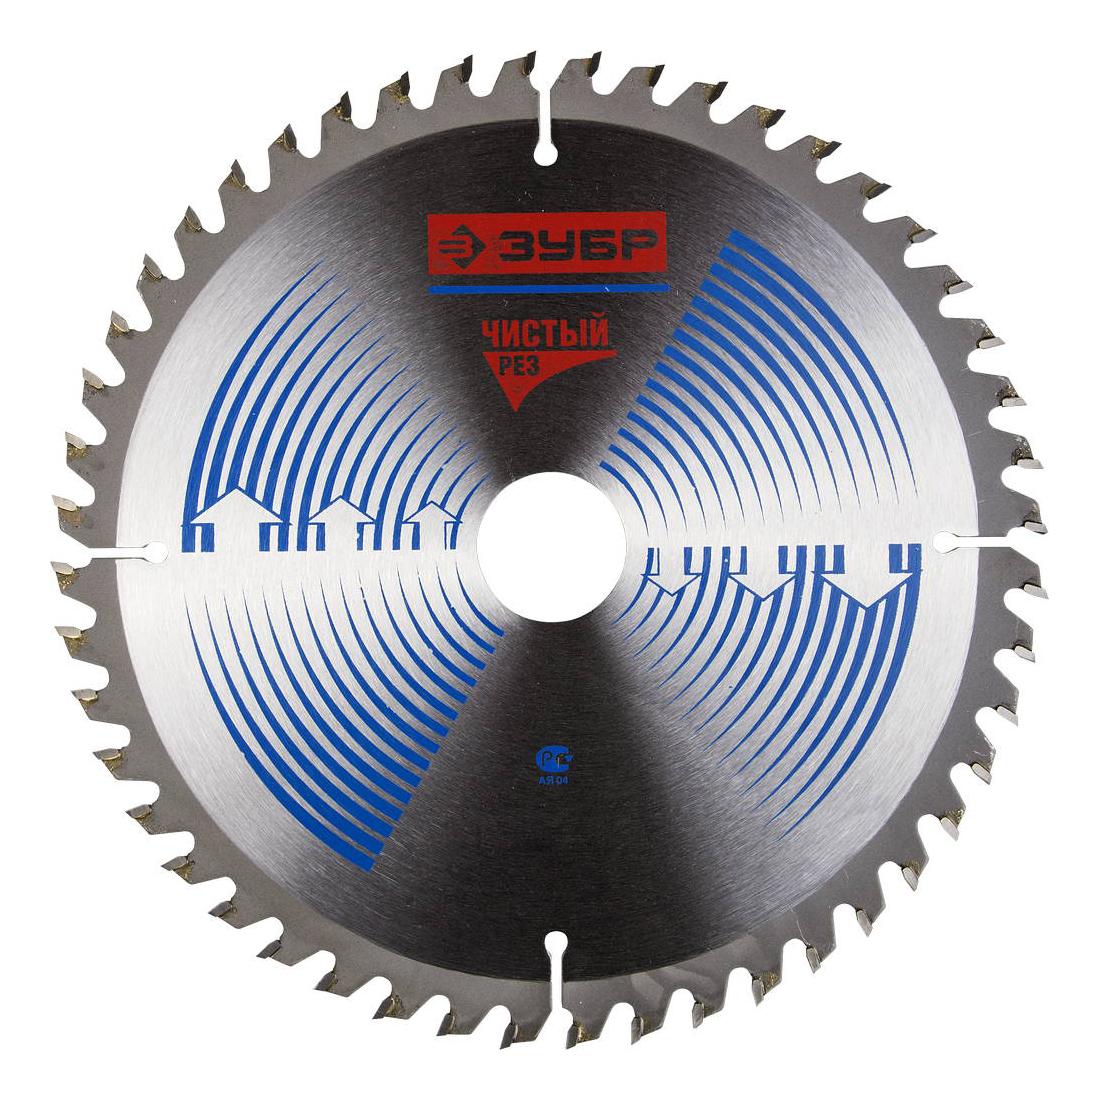 Диск по дереву для дисковых пил Зубр 36905-200-30-48